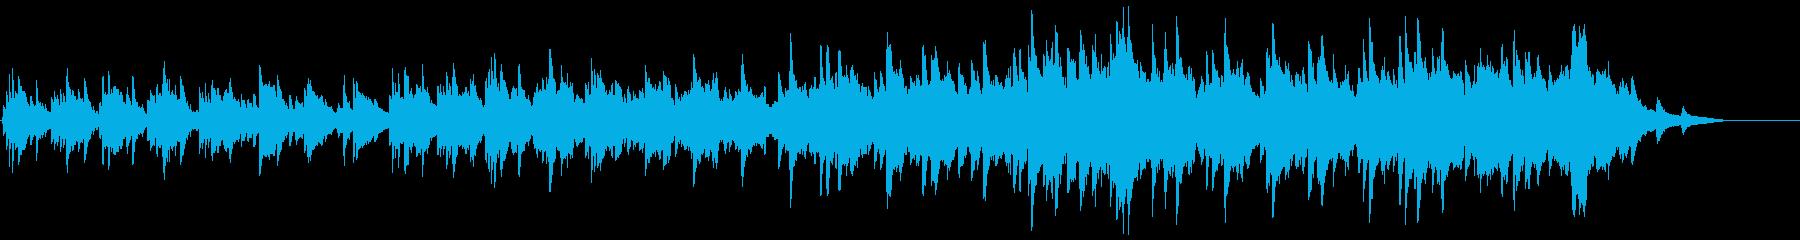 ファミリエの再生済みの波形